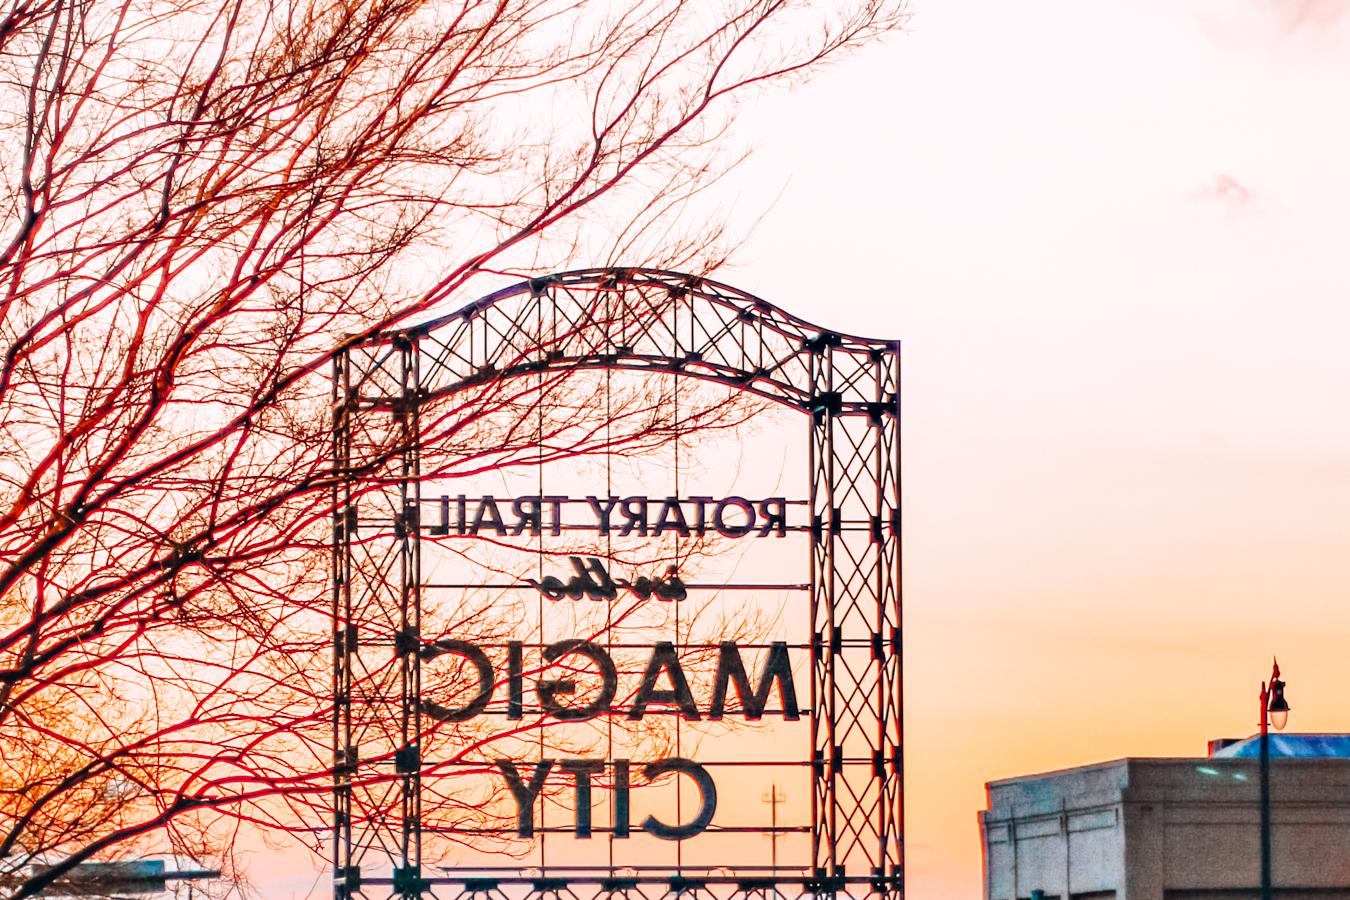 Magic city in Birmingham